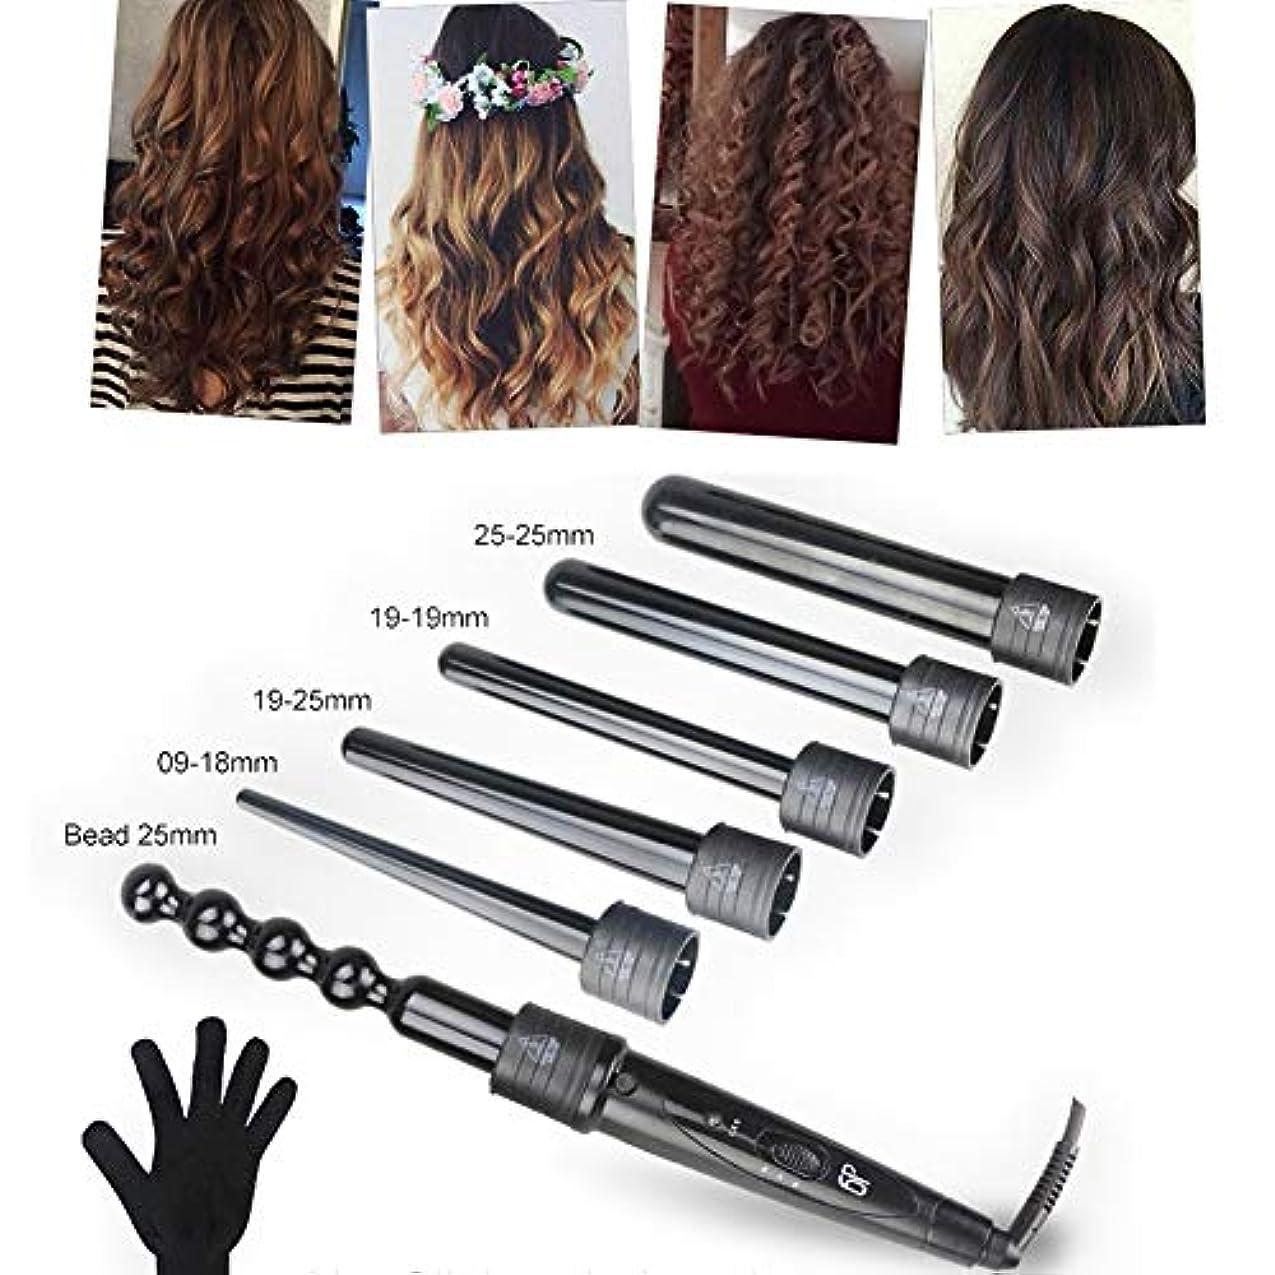 識字窒素接続されたヘアカーラー - 6で1カーリングアイロンセット、6髪交換カーラーセラミックバレ 耐熱手袋が付 ル用すべての髪